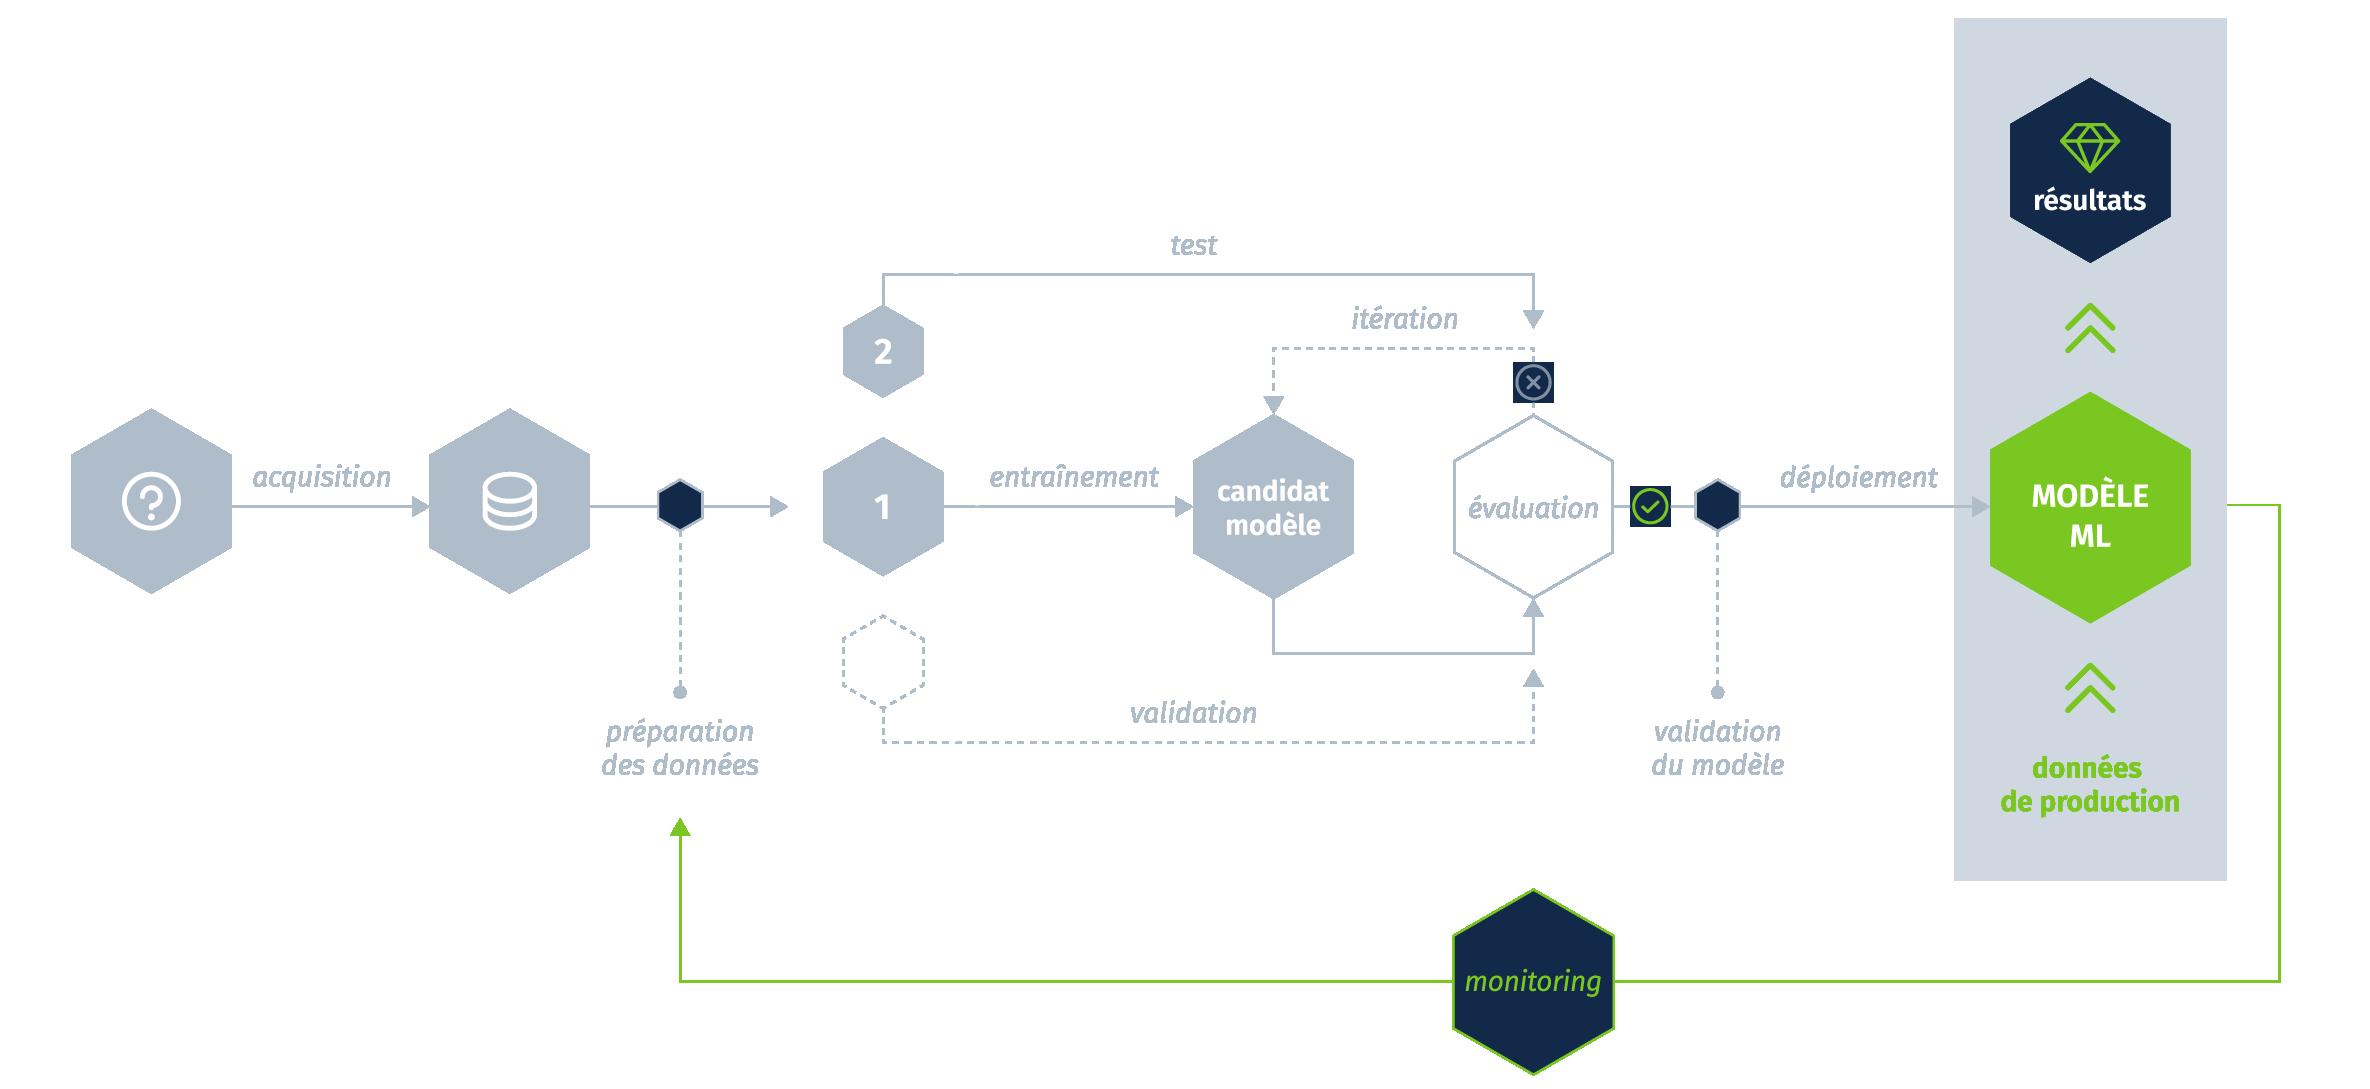 Ingénierie Machine Learning et IA, schéma création d'un modèle de Machine Learning